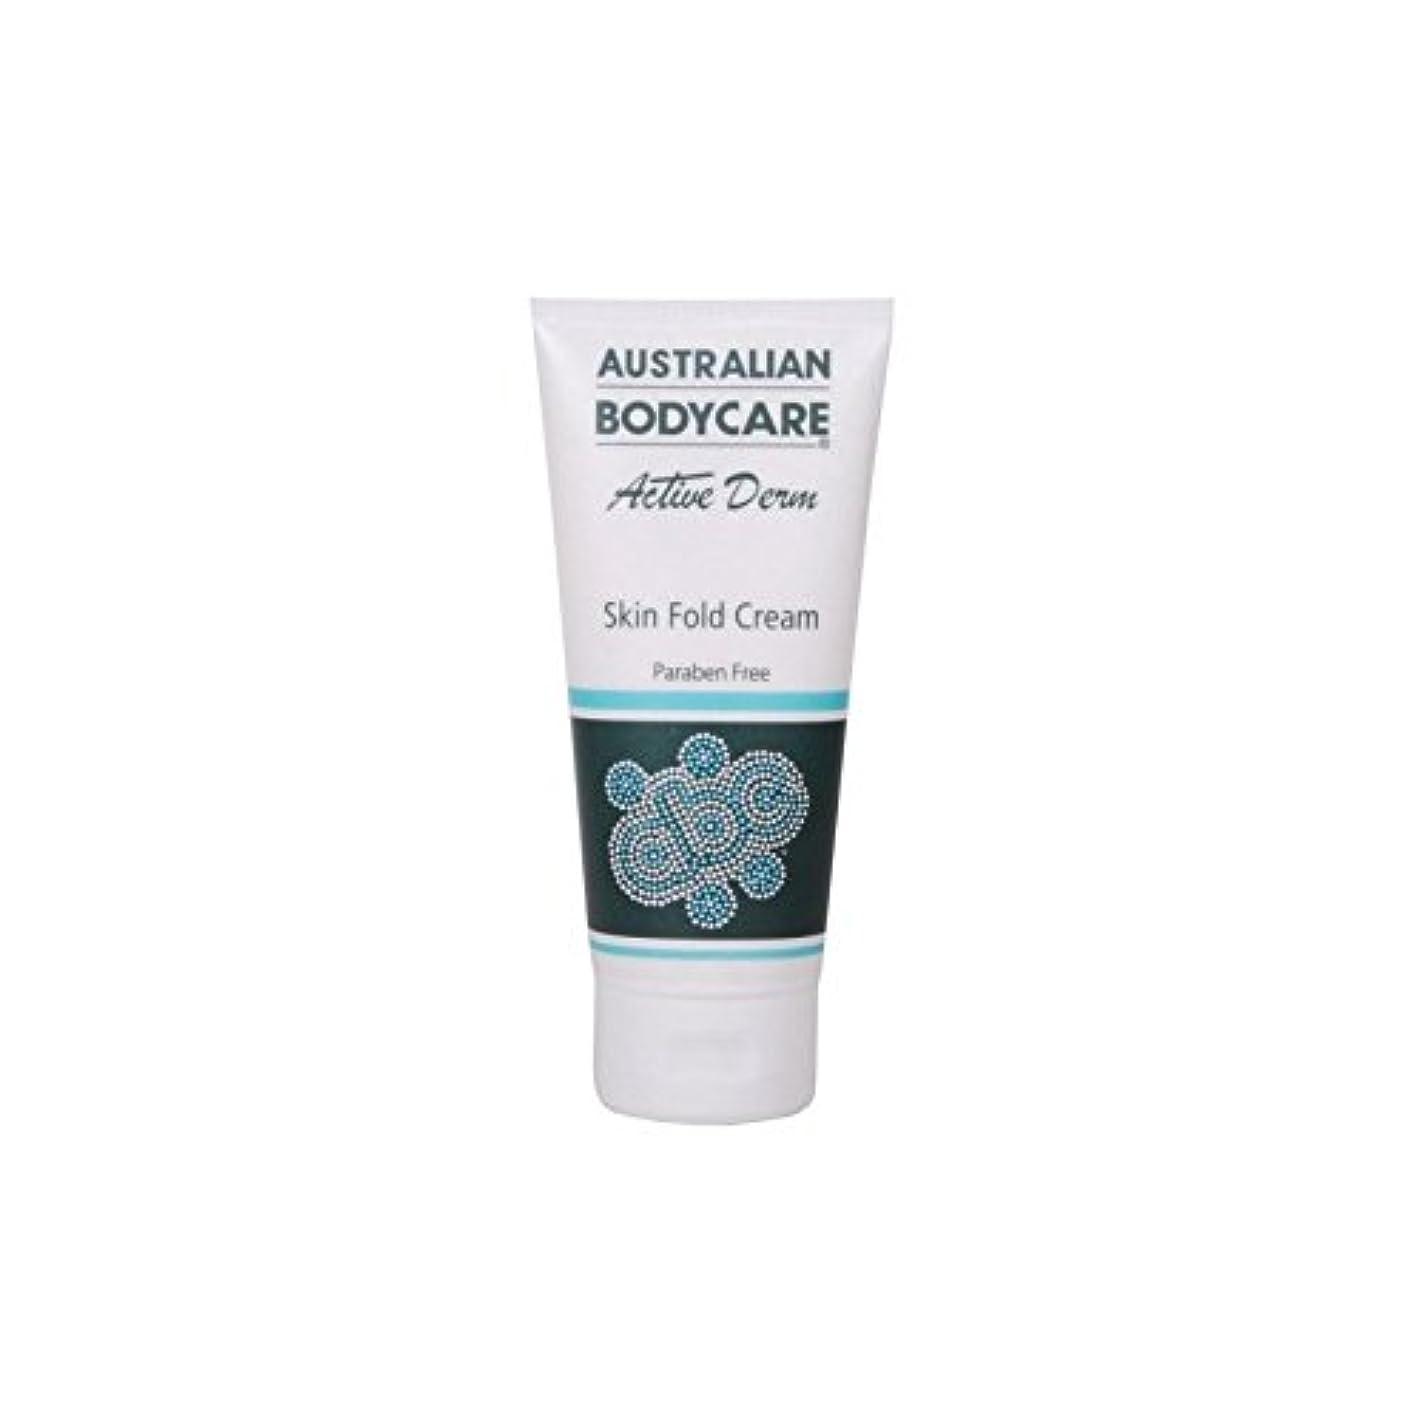 高さ針狭いオーストラリアのボディケアアクティブダーム皮膚のひだクリーム(100ミリリットル) x2 - Australian Bodycare Active Derm Skin Fold Cream (100ml) (Pack of 2) [並行輸入品]